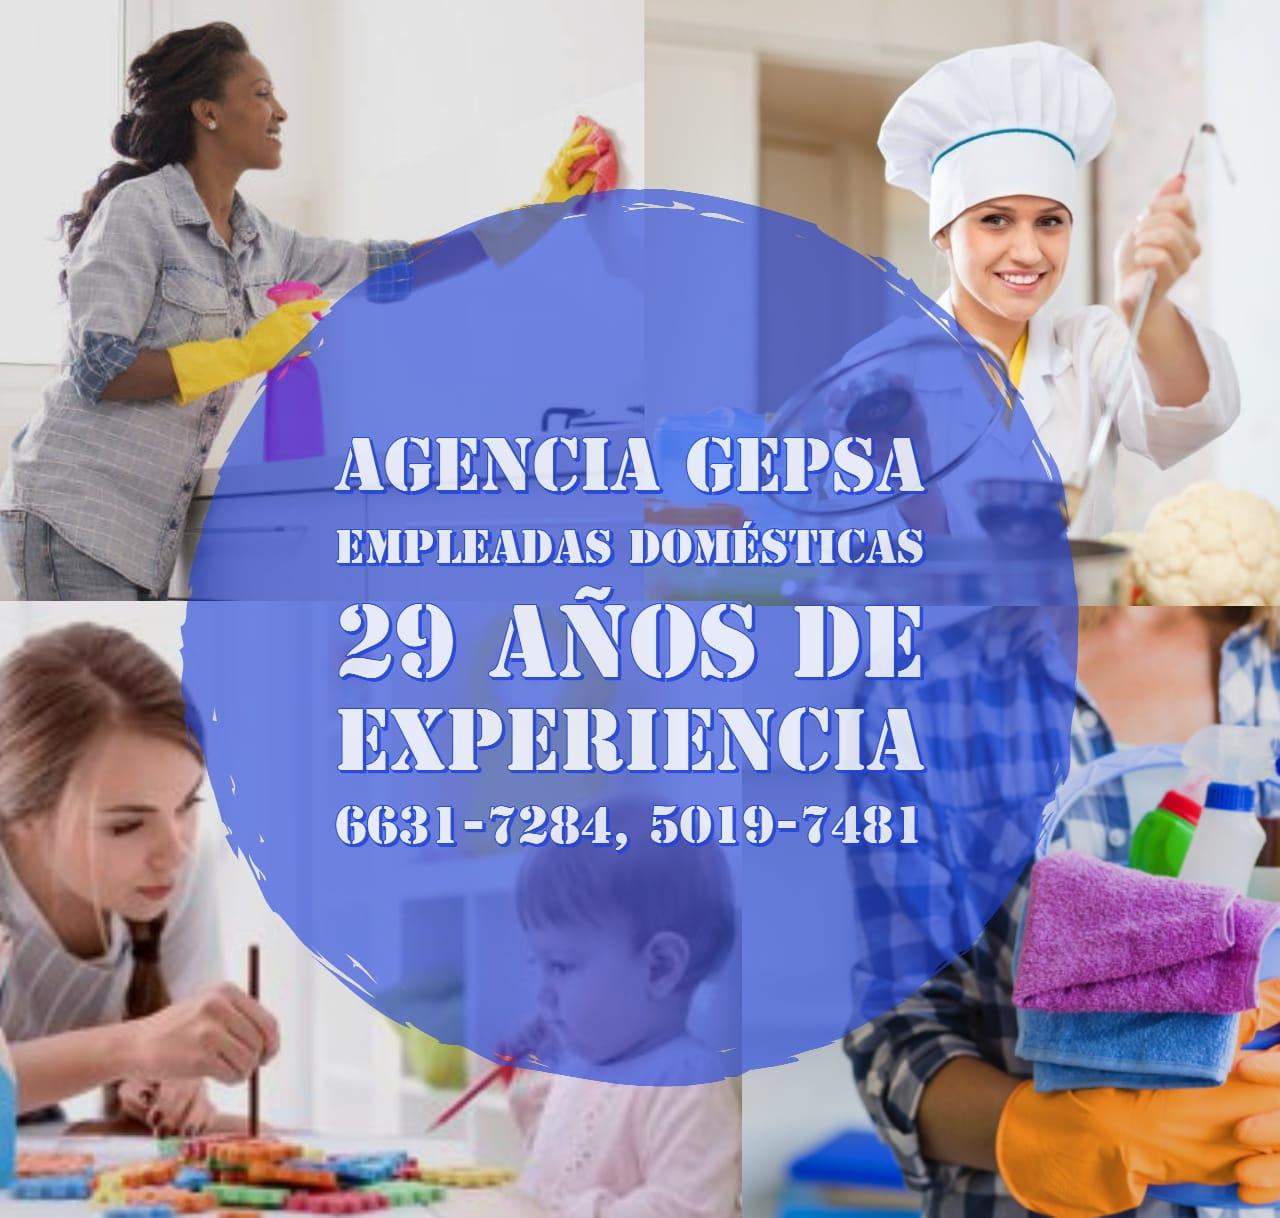 ¿Buscando Personal Doméstico? Agencia GEPSA 29 años de experiencia